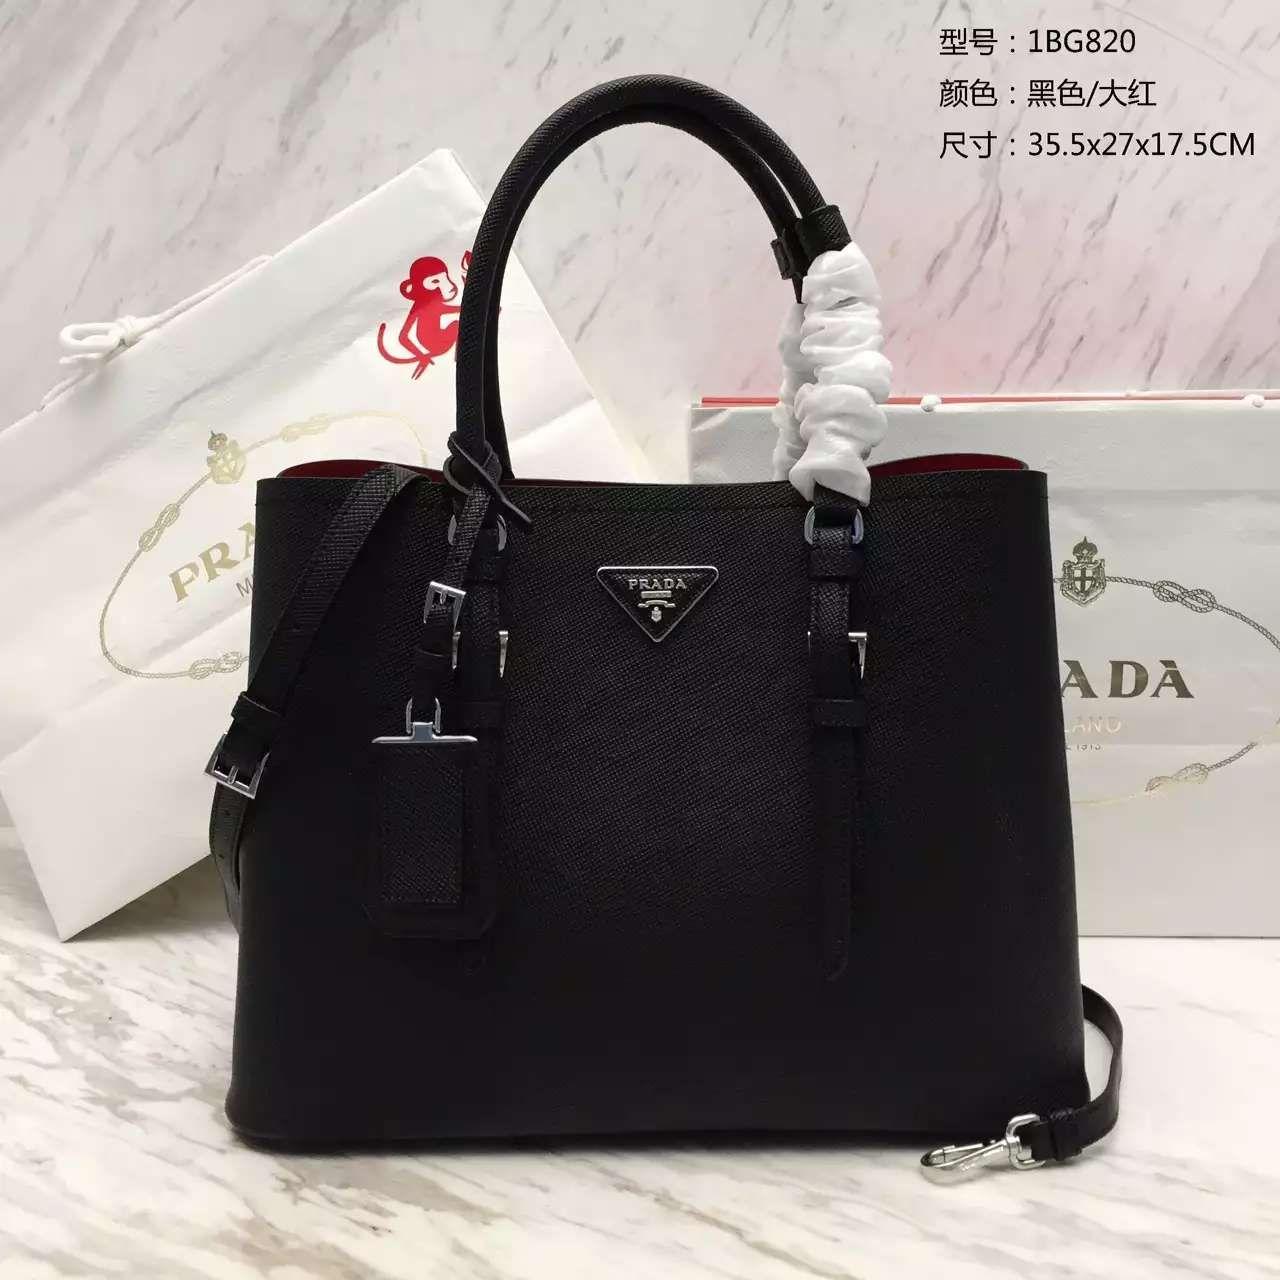 c7beae6918 prada Bag